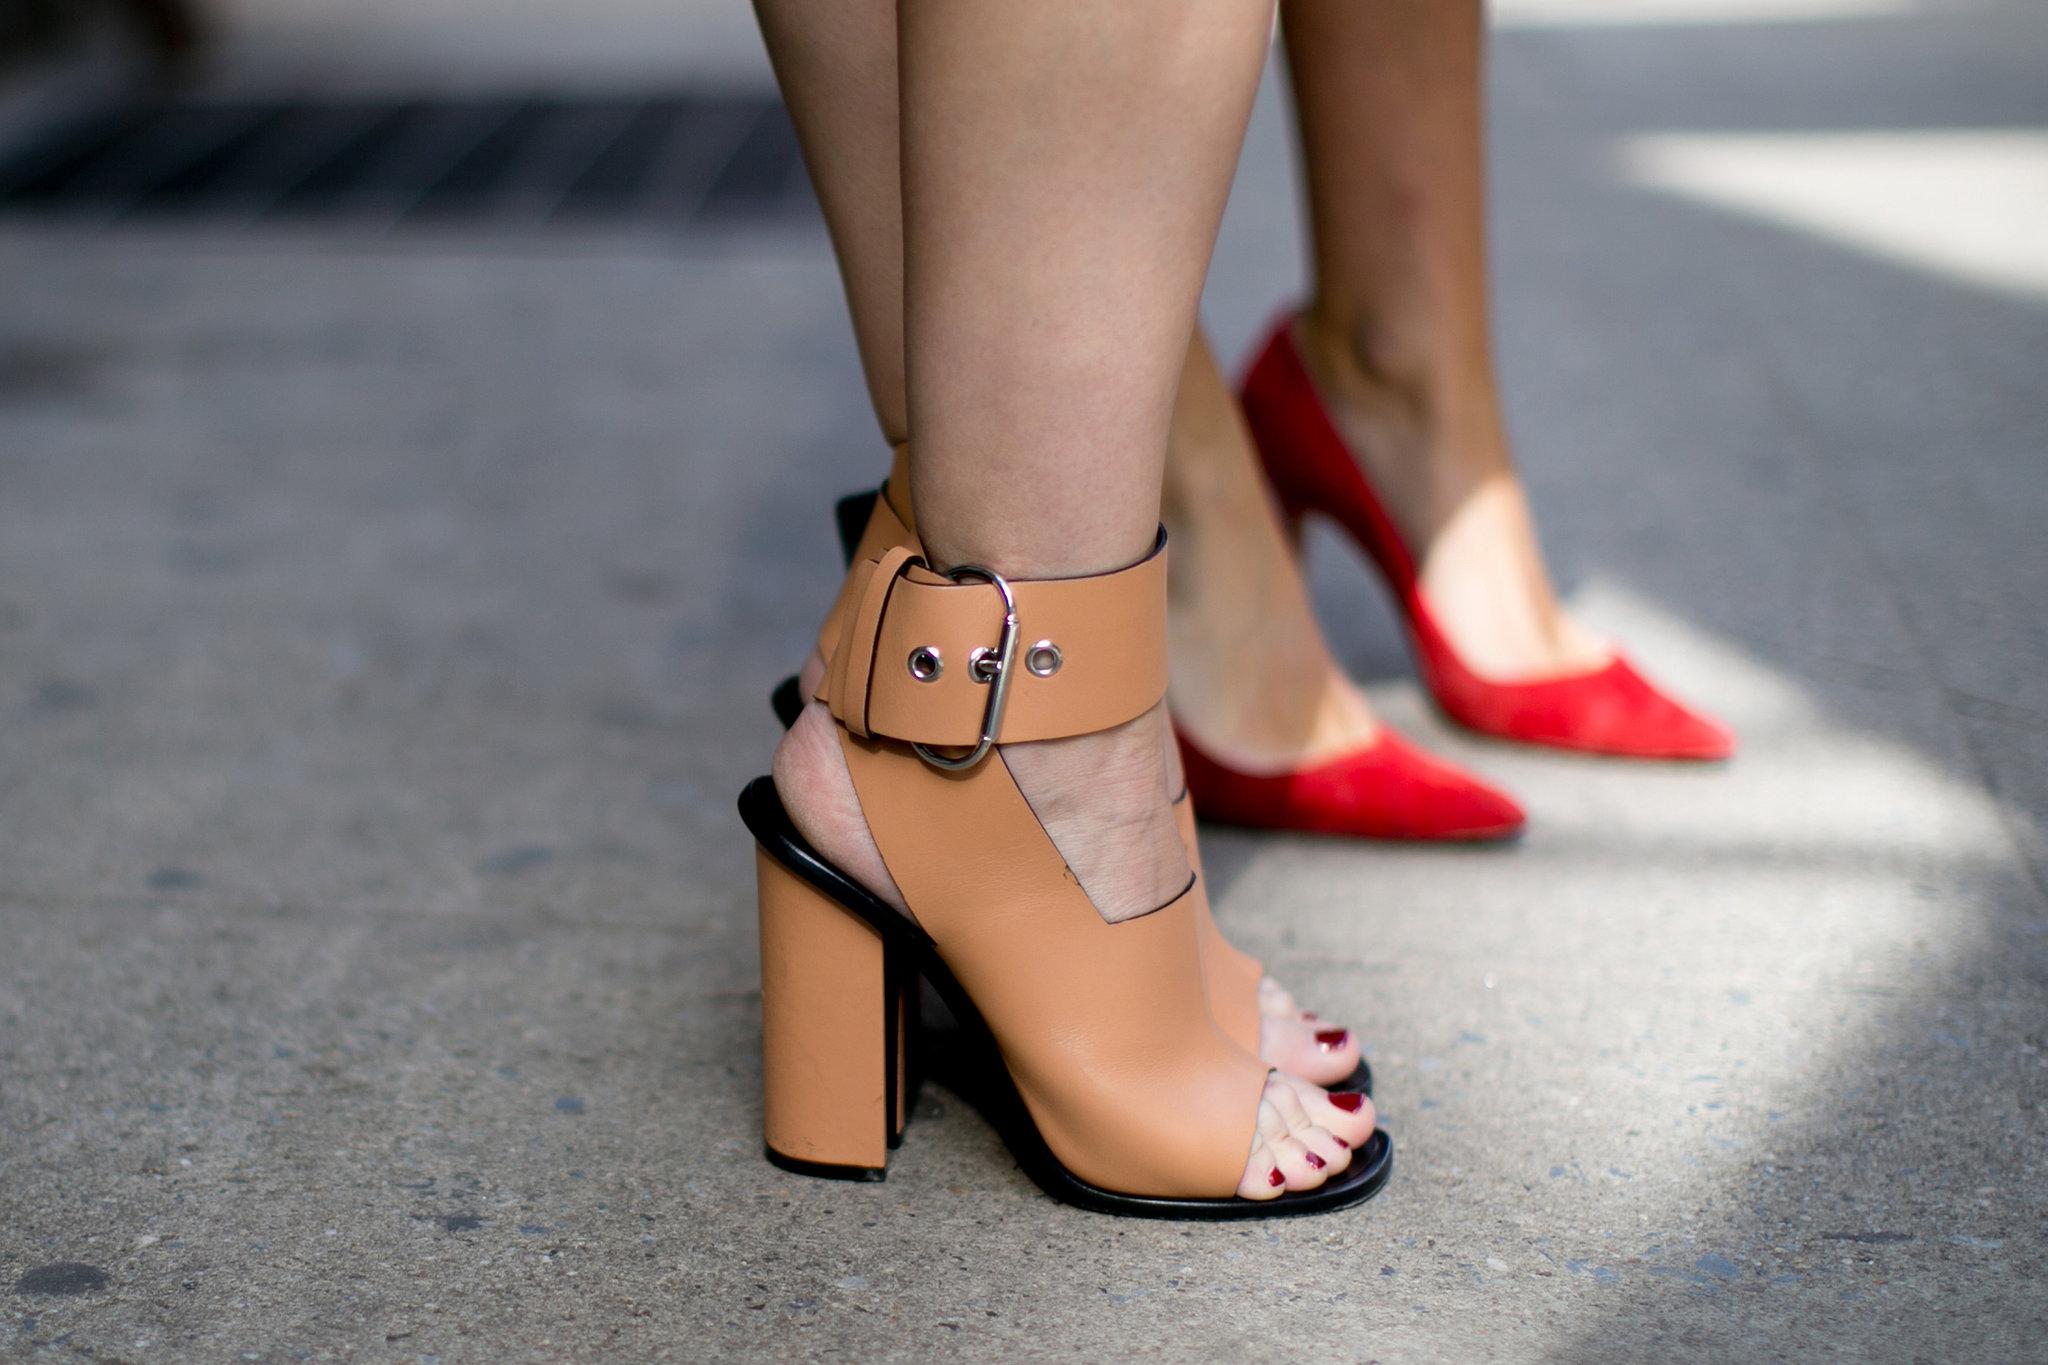 Shoe envy.